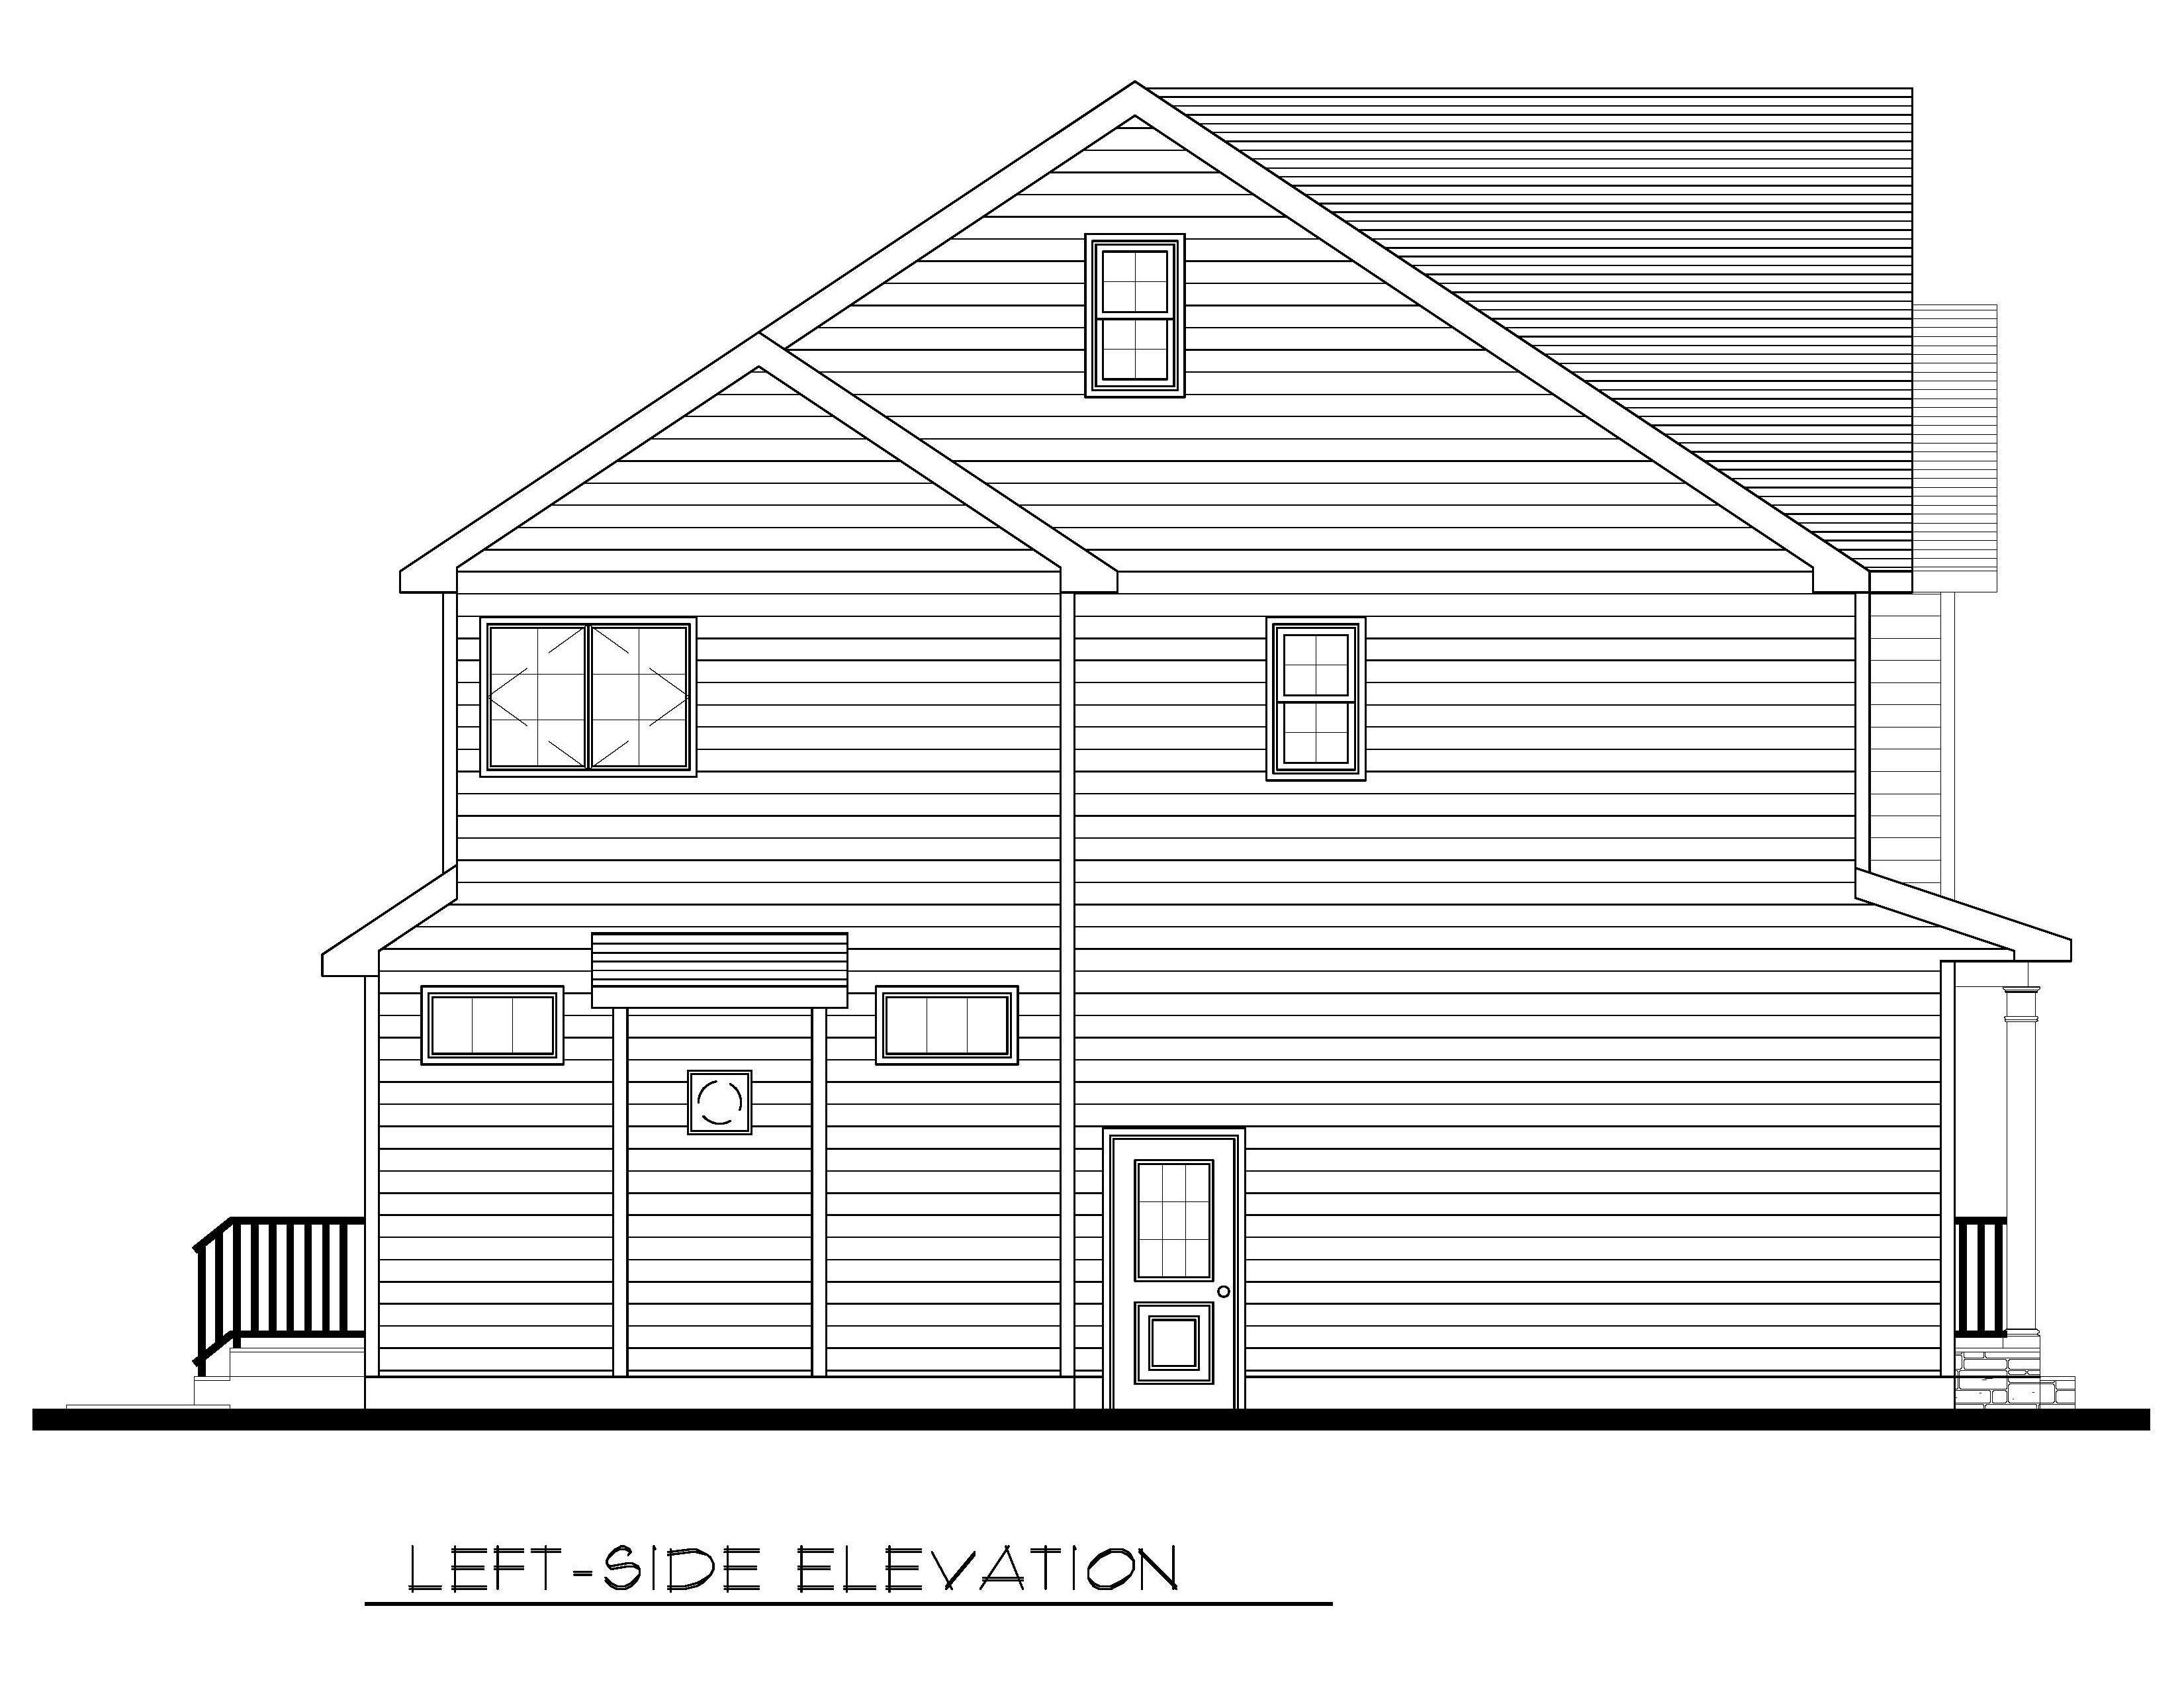 Left Side Elevation-08-31-2020